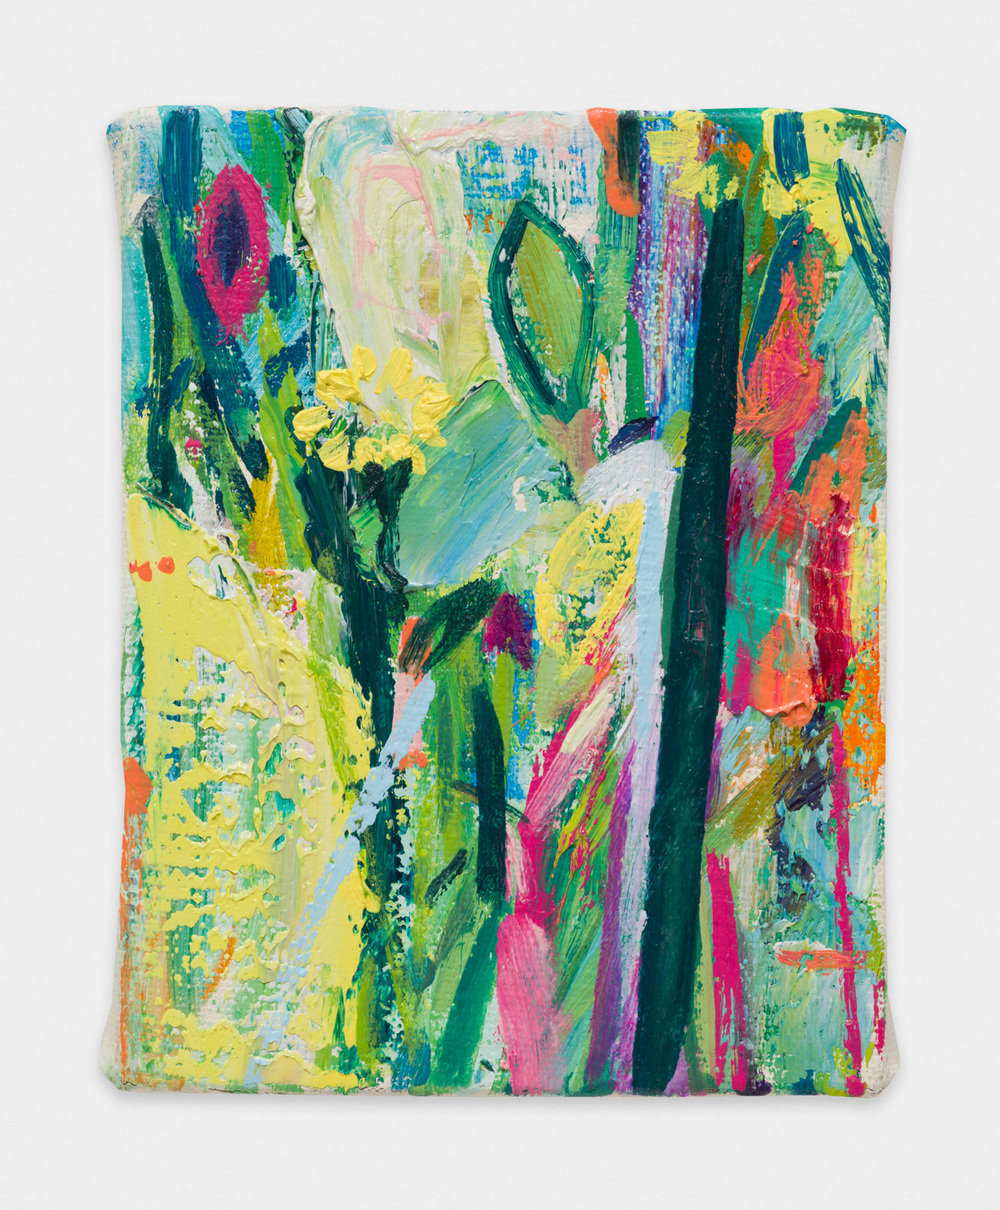 Miki Mochizuka GL 2015 - 2016 Oil on canvas 7.09 x 5.51 in (18.01h x 14w cm) MikiM014